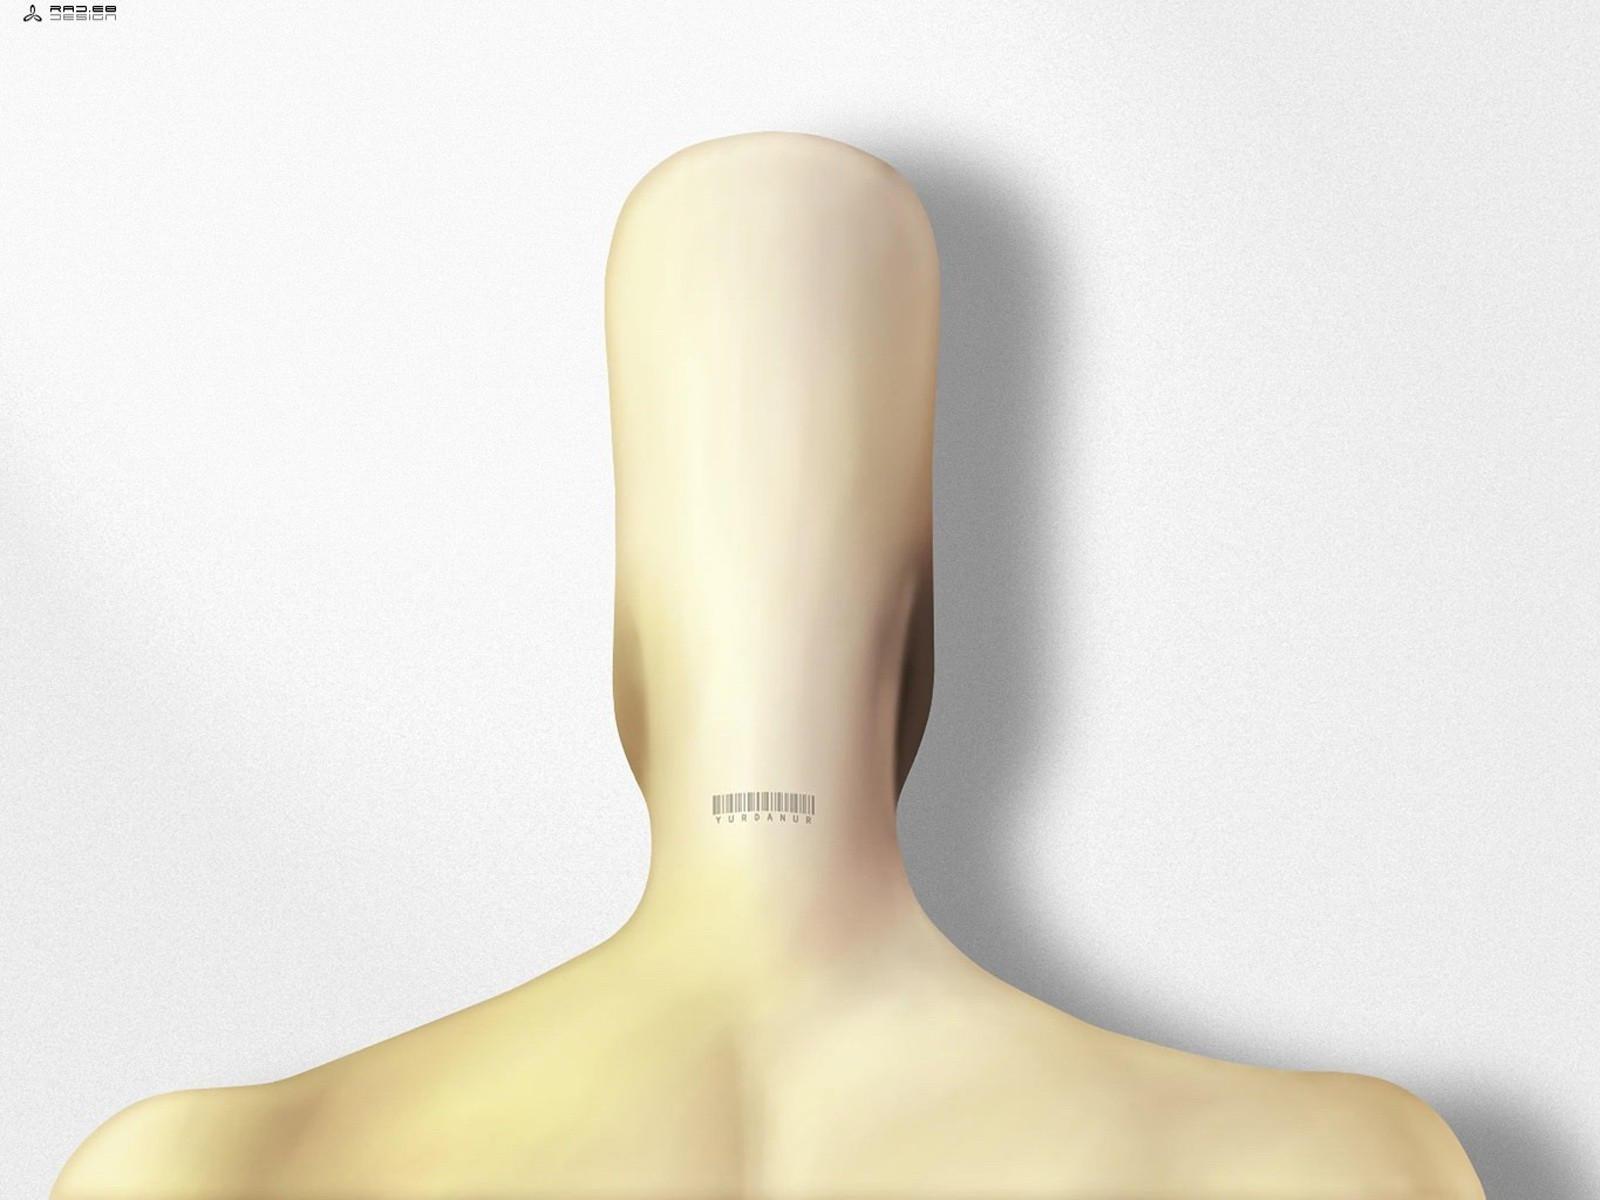 Фото 136.. Нажмите на картинку с абстрактными обоями, чтобы просмотреть ее в реальном размере